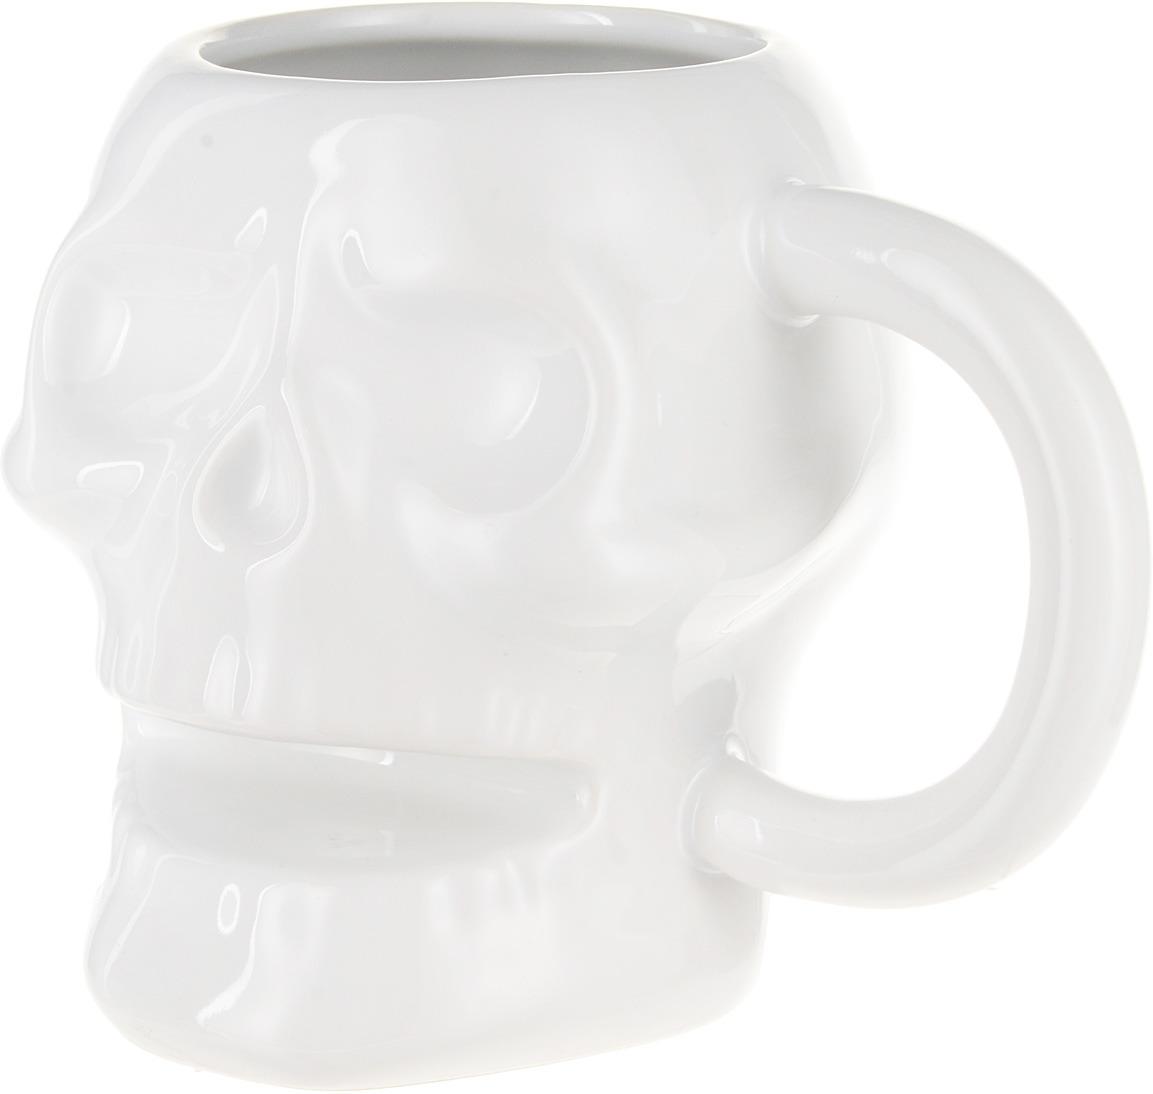 Кружка Balvi Skully, цвет: белый, 320 мл недорго, оригинальная цена